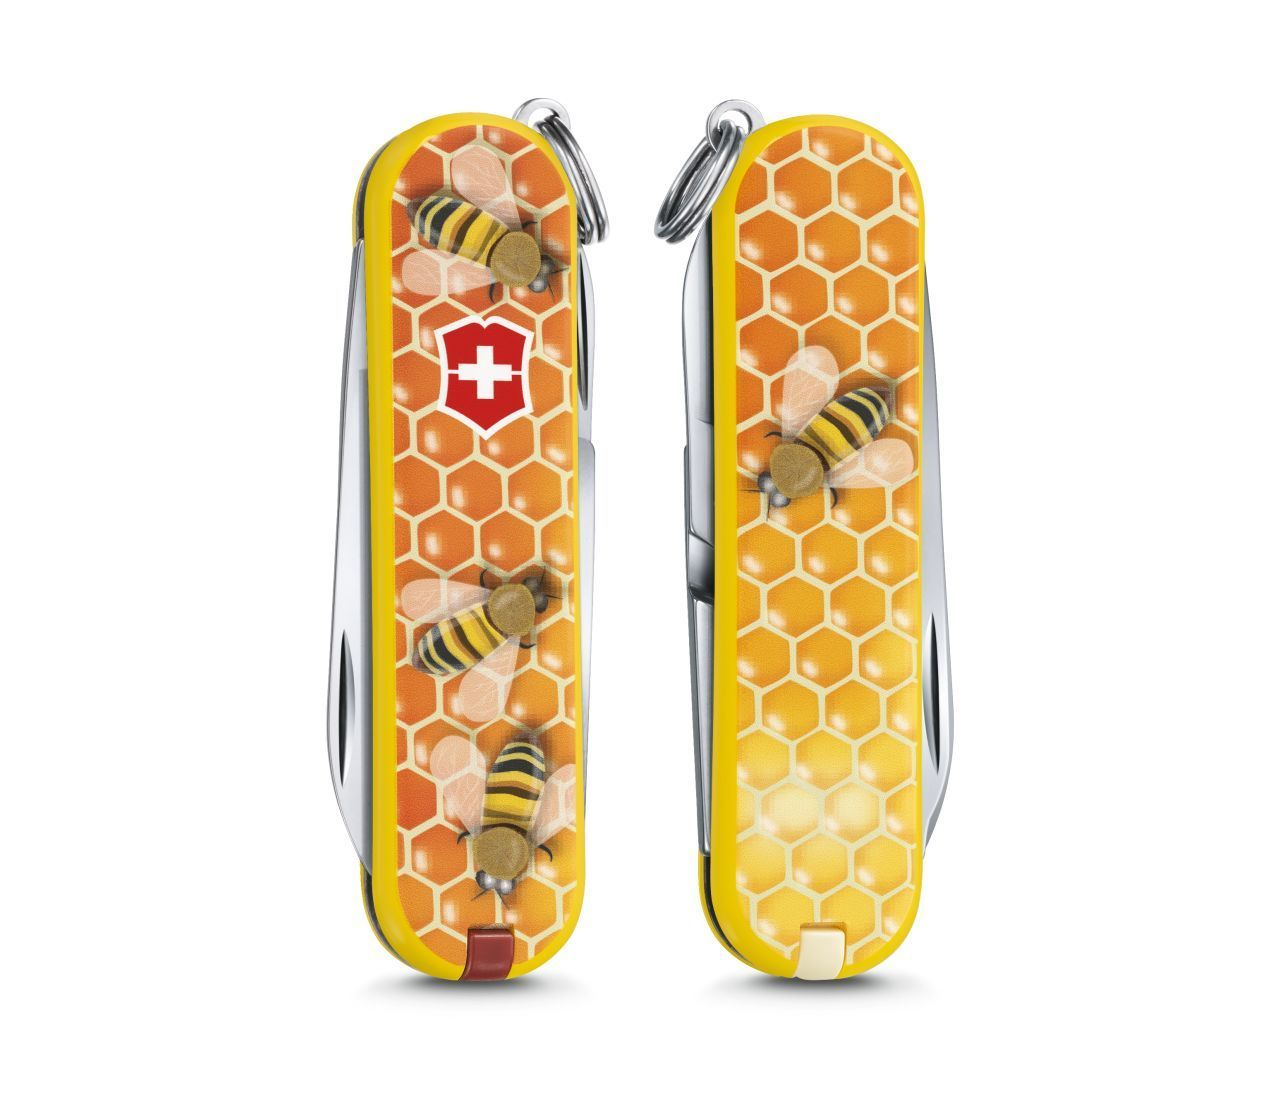 Складной нож Victorinox Classic limited edition 2017 Honey Bee (0.6223.L1702) 58мм 7функцийШвейцарские армейские ножи Victorinox<br>Материал: высококачественная нержавеющая стальРукоять: глянцевый нейлонВес: 26.1г.<br>ФУНКЦИИ:<br><br>лезвие<br>ножницы<br>пилочка для ногтей с<br>отверткой 2.5 мм<br>кольцо для подвеса<br>зубочистка<br>пинцет<br>